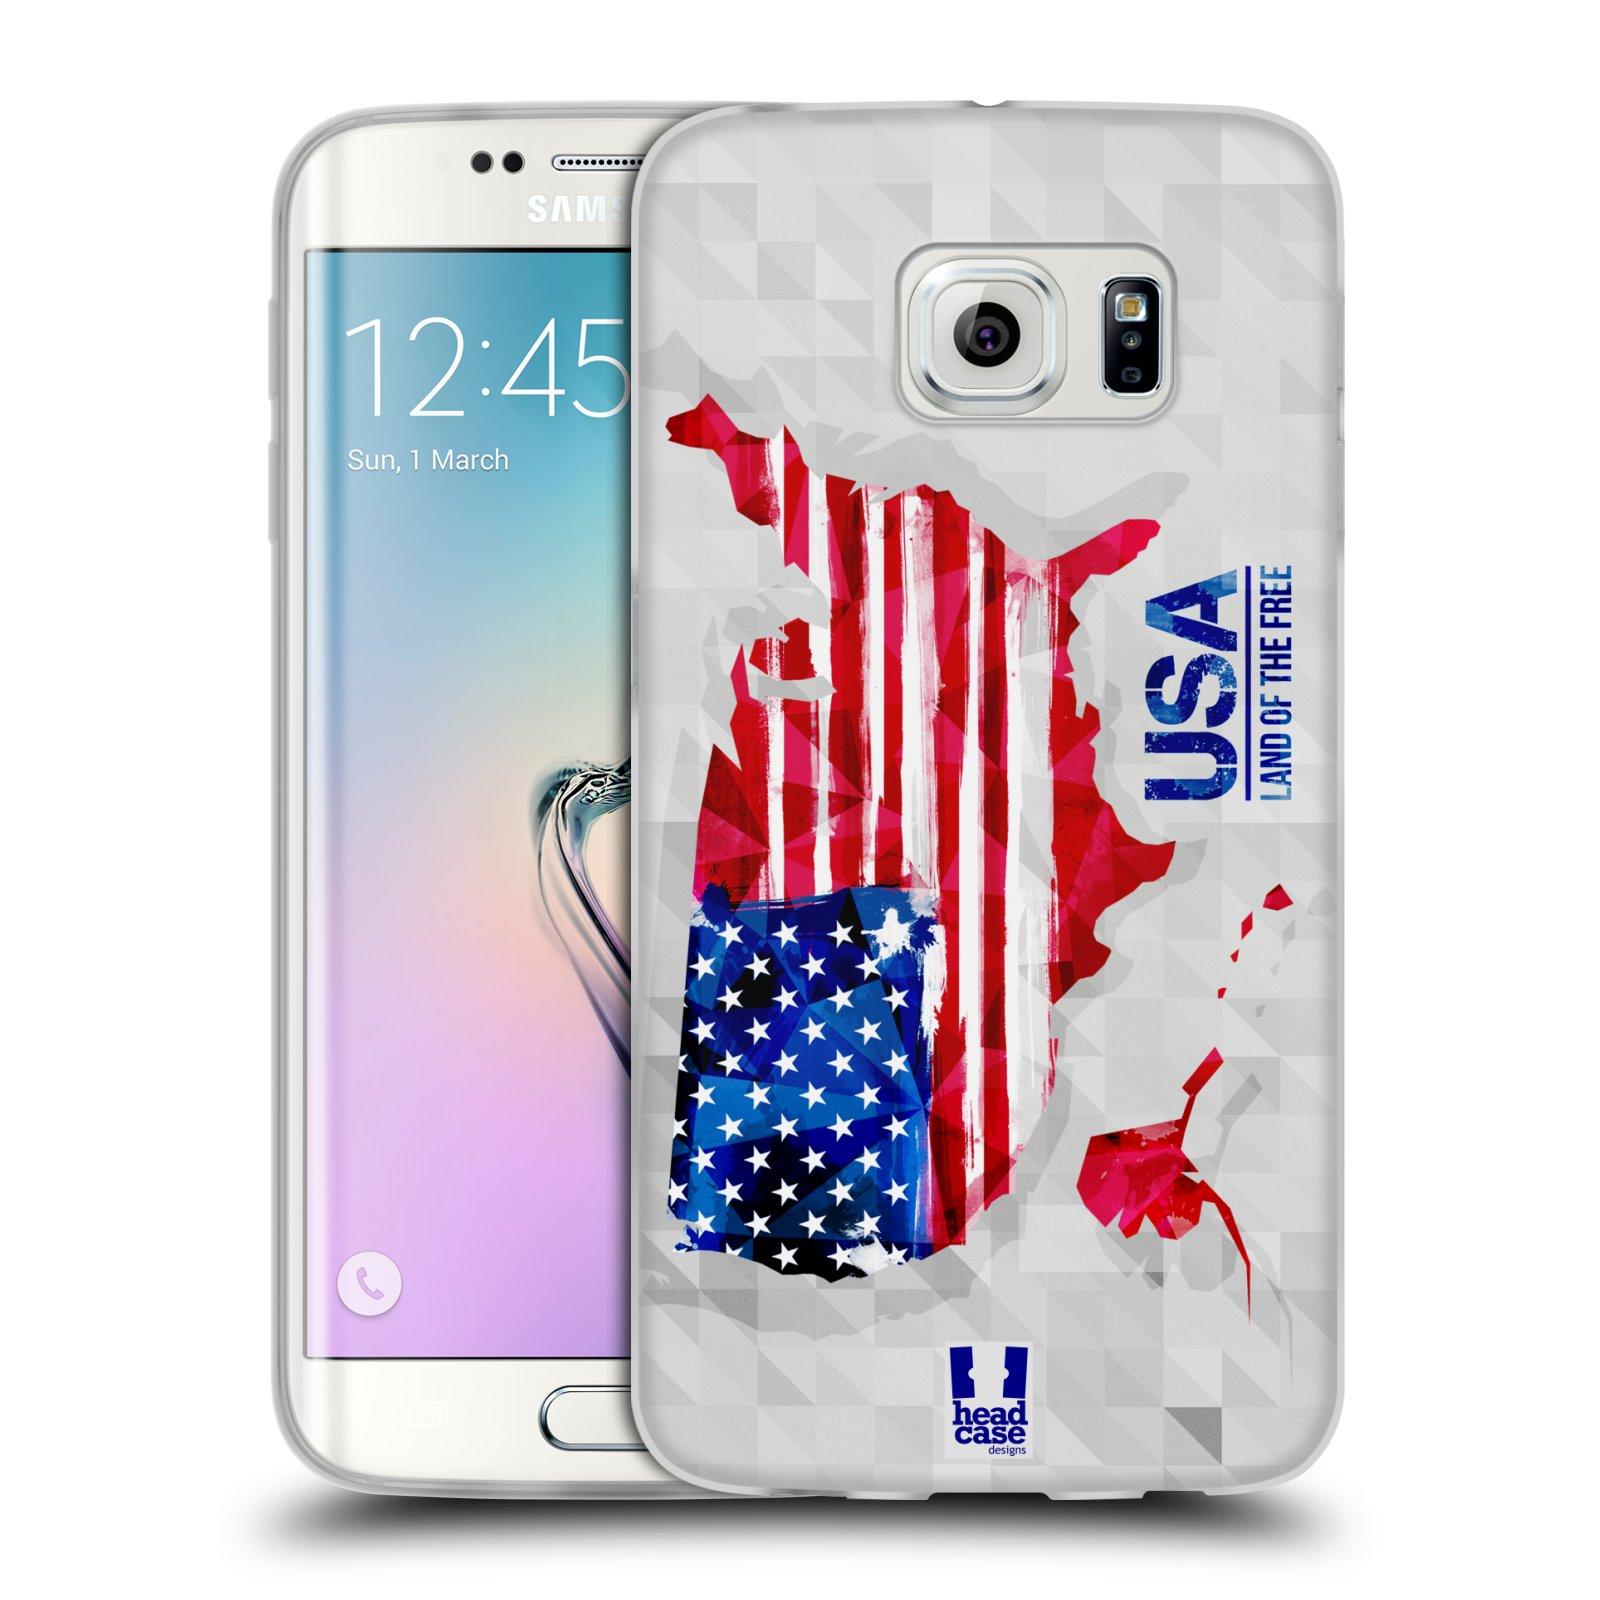 Silikonové pouzdro na mobil Samsung Galaxy S6 Edge HEAD CASE GEOMAPA USA (Silikonový kryt či obal na mobilní telefon Samsung Galaxy S6 Edge SM-G925F)